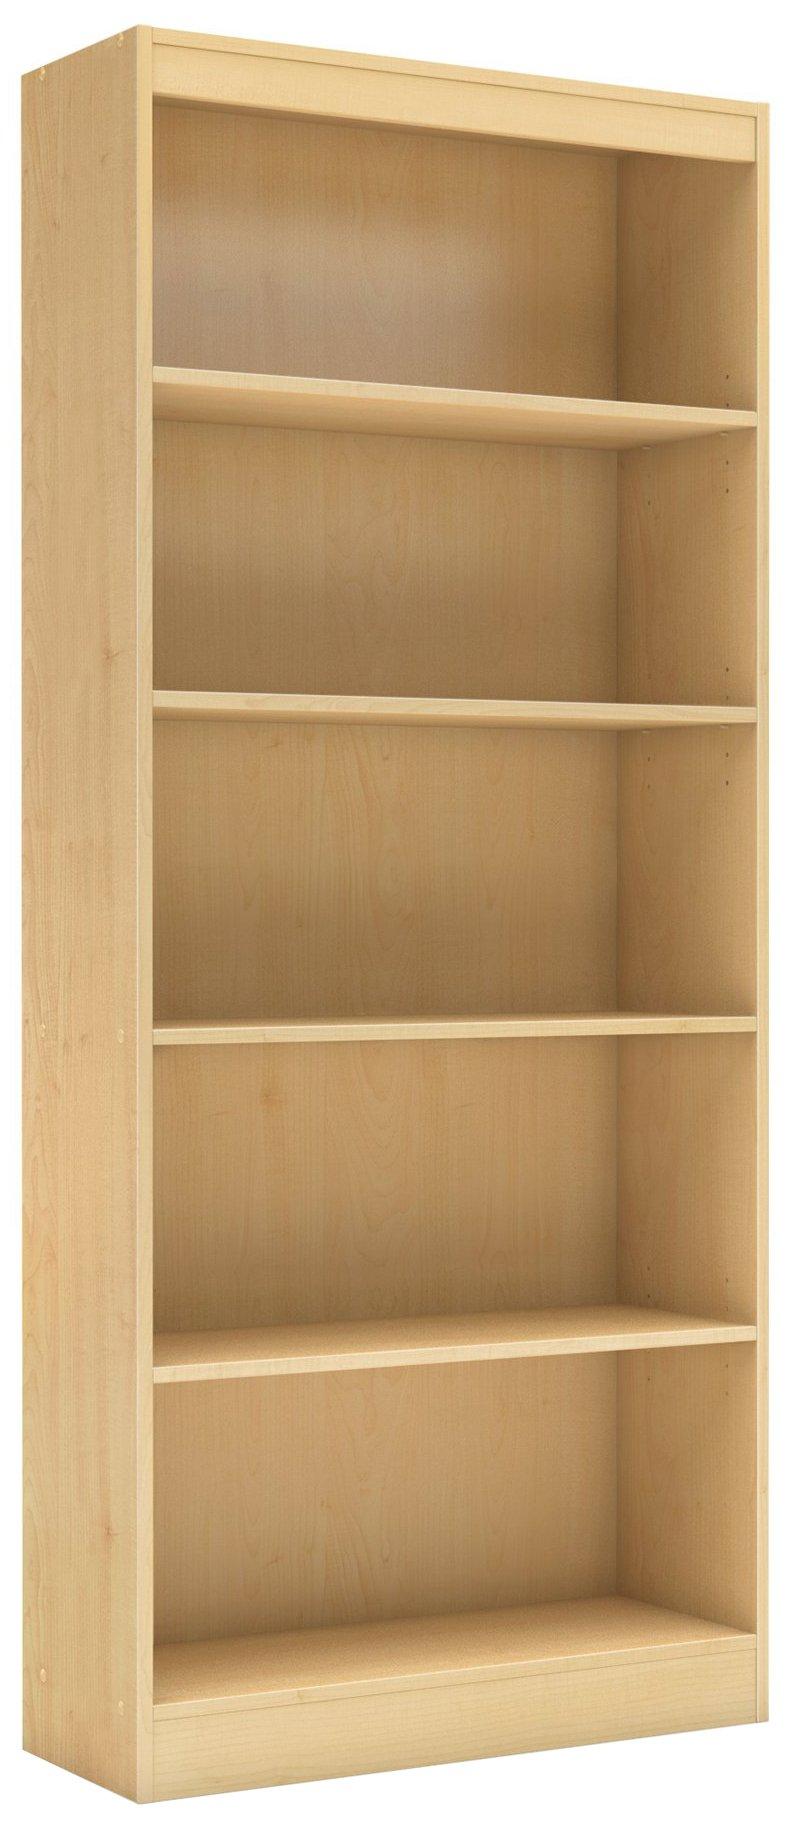 South Shore Axess Collection Bookcase, Natural Maple, 5-Shelf